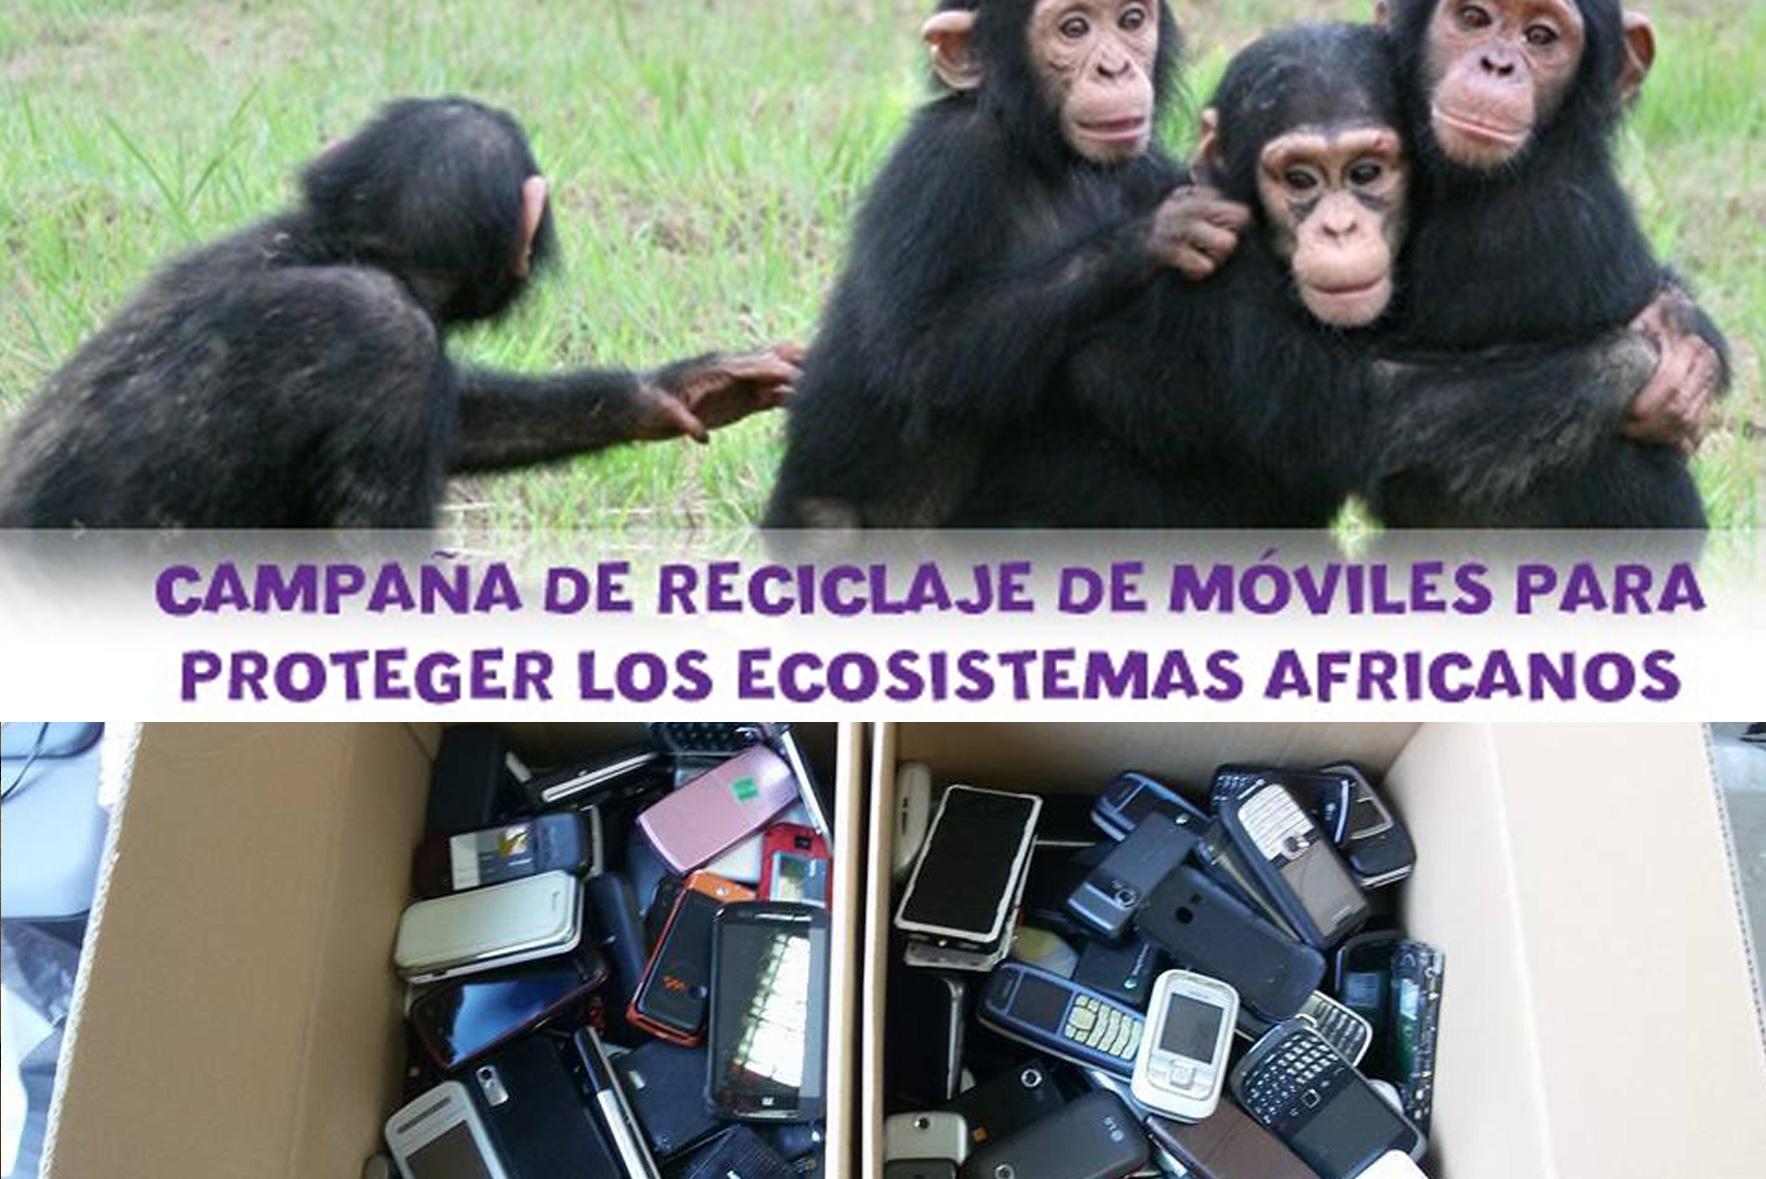 Mobilitza't per la selva